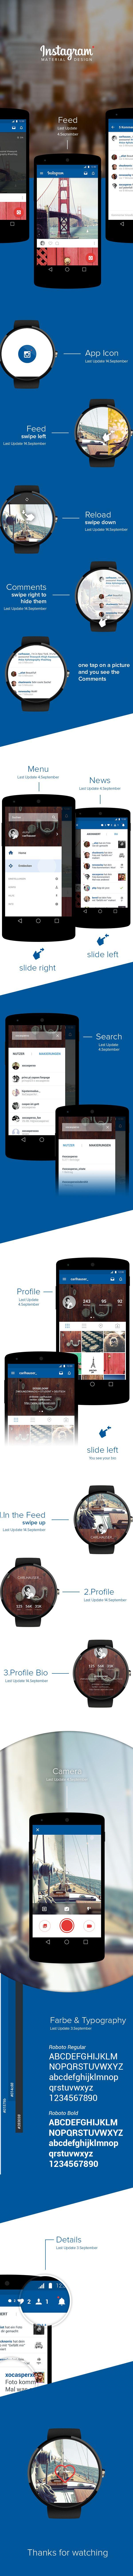 Instagram | Material Design on Behance